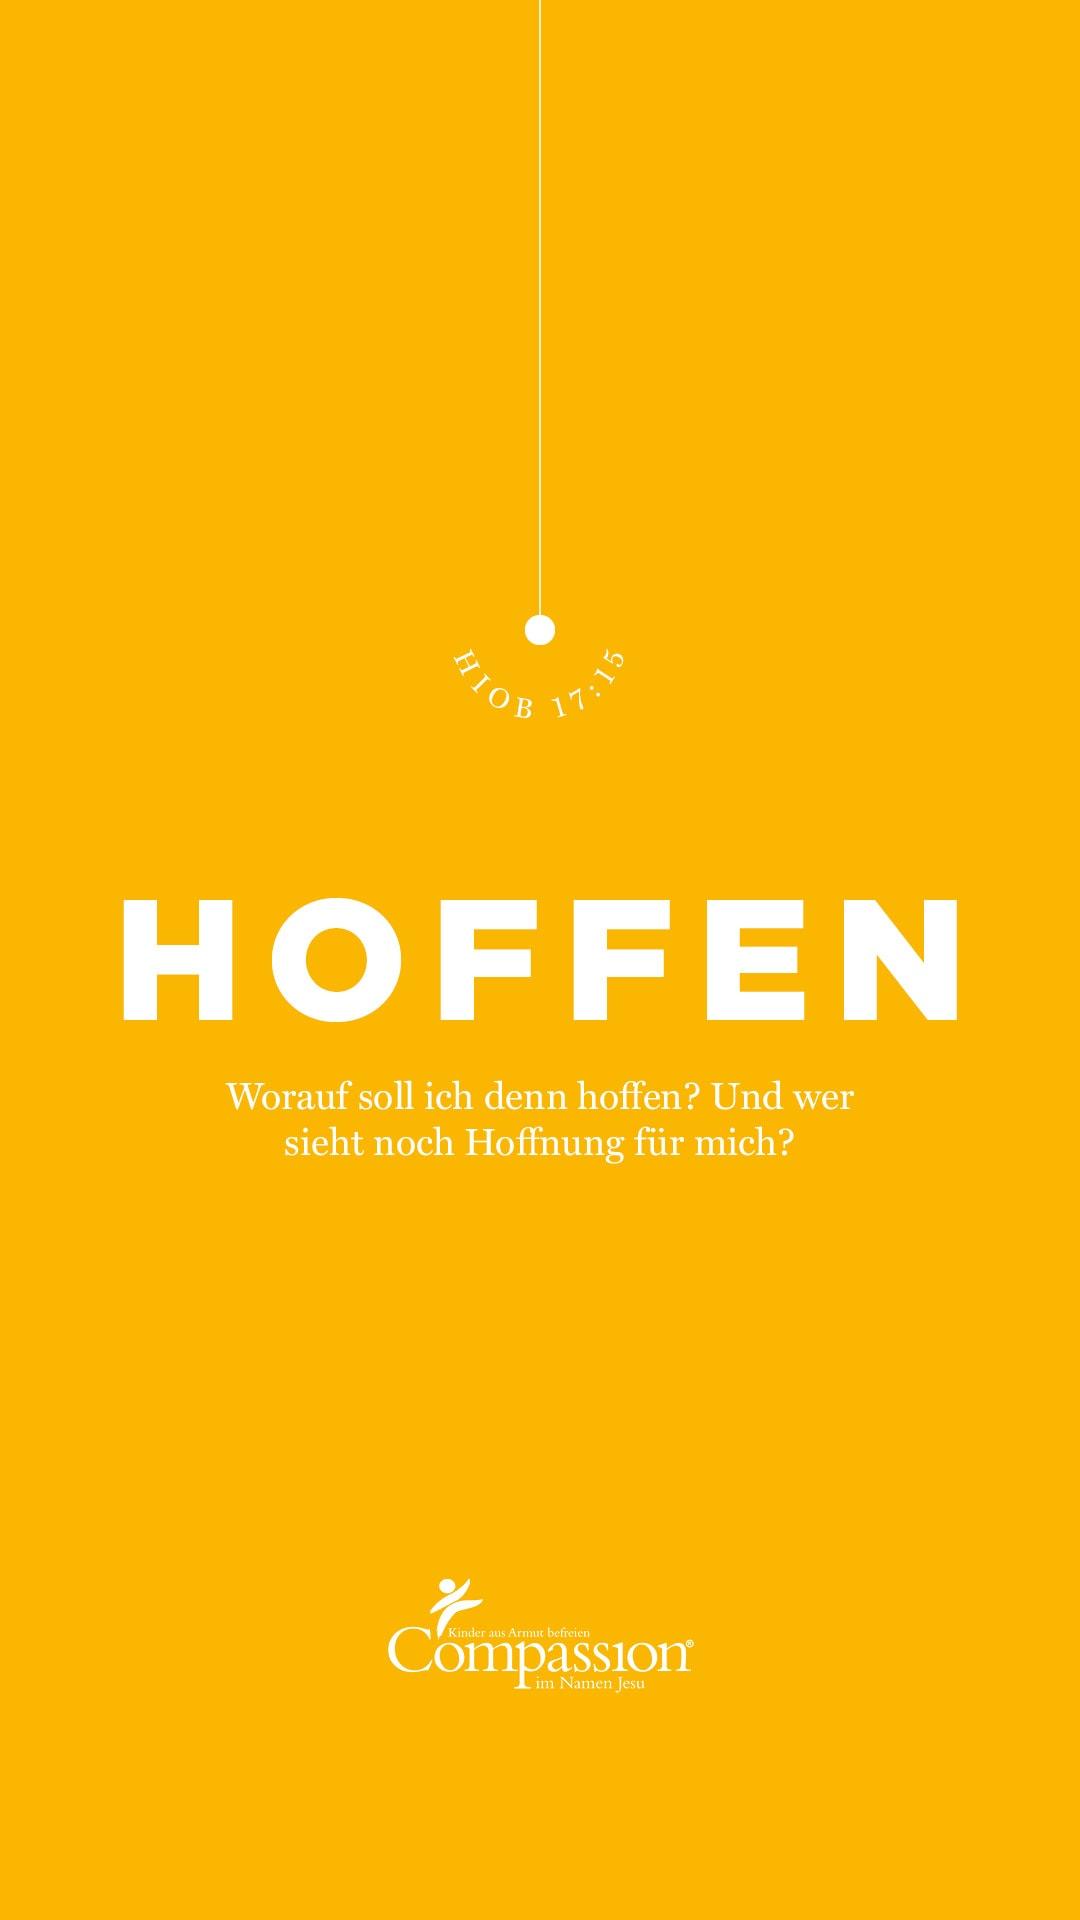 """alt=""""Hiob_17_15_Wallpaper_Compassion_Deutschland_Bibelvers"""""""